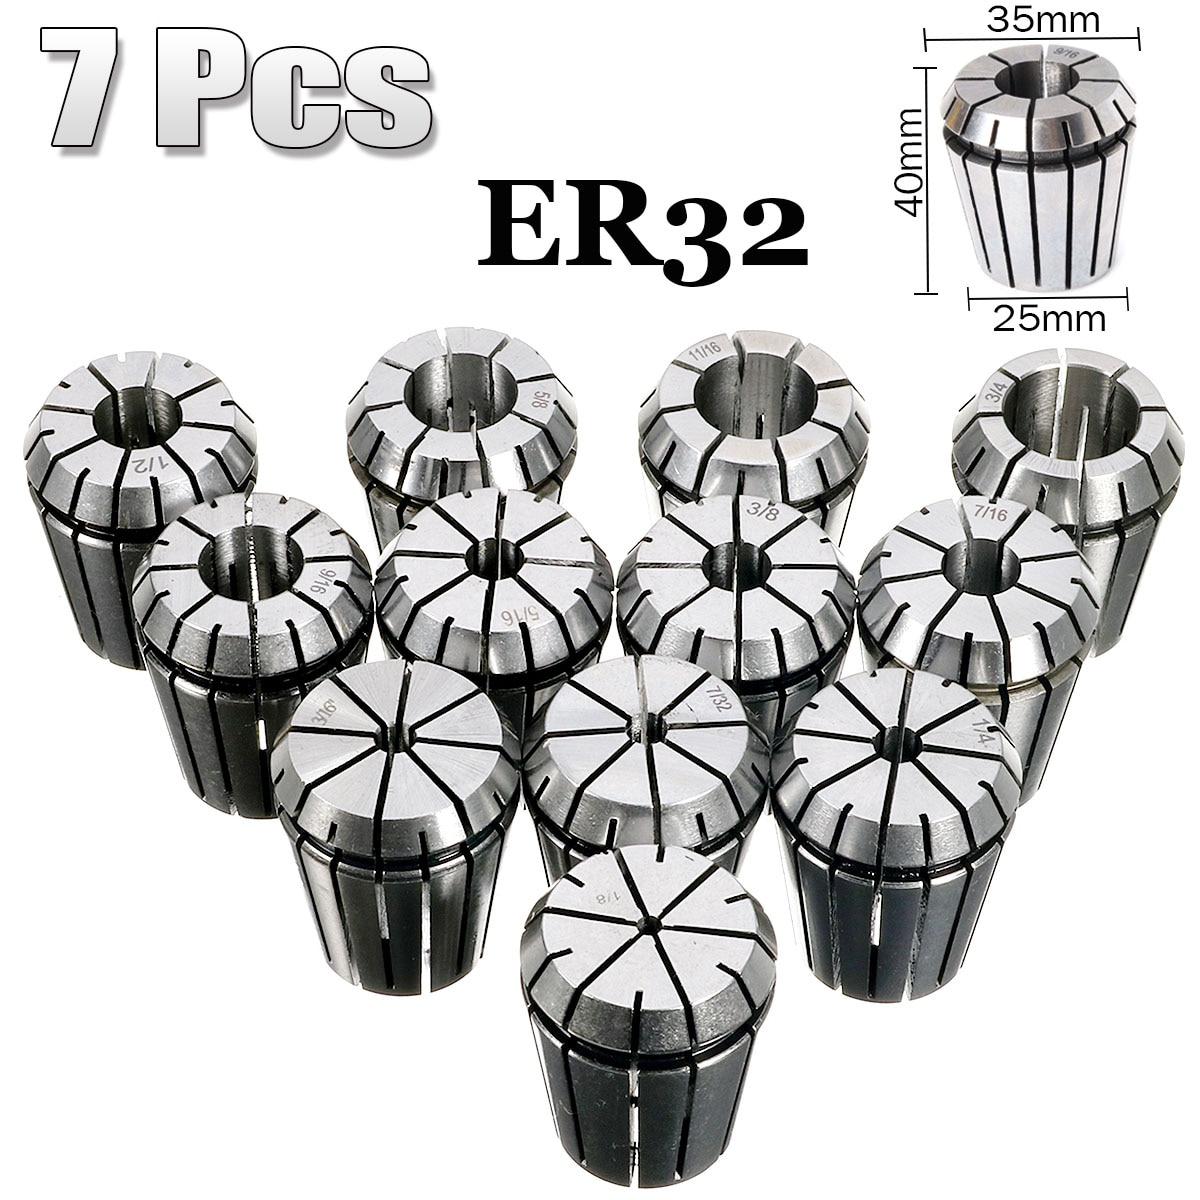 7Pcs CNC Collets ER-32 Set 3/16 1/4 5/16 3/8 1/2 9/16 3/4